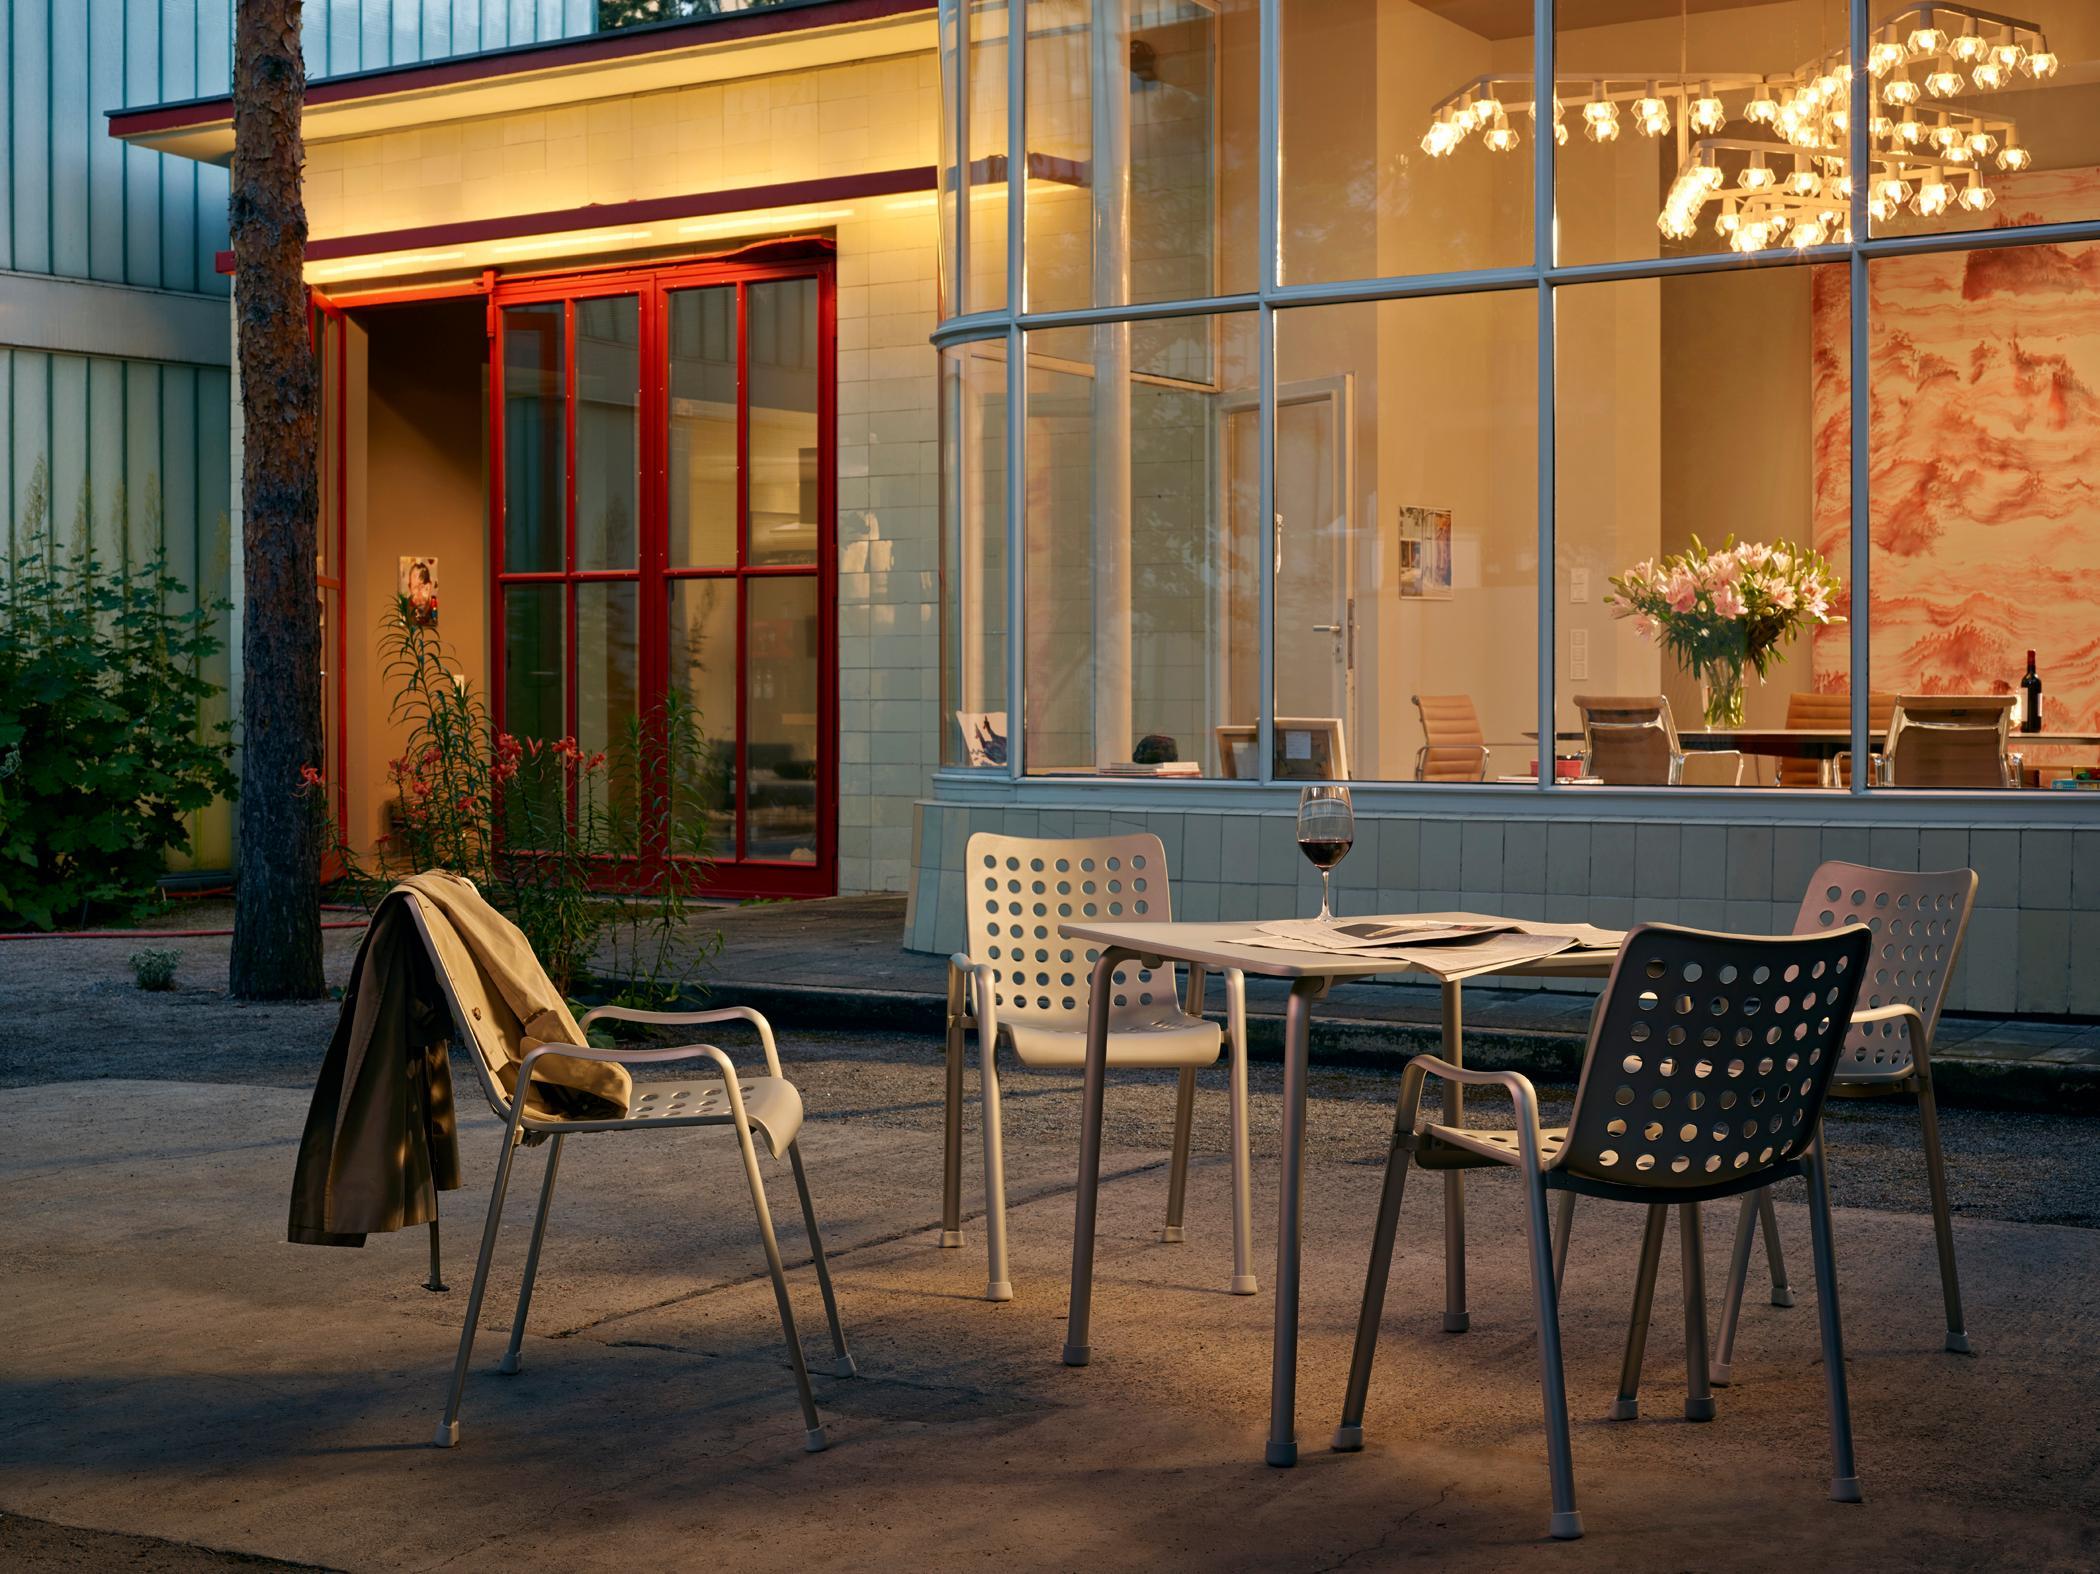 Café Atmosphäre Mit Gartenmöbeln Kronleuchter Gart